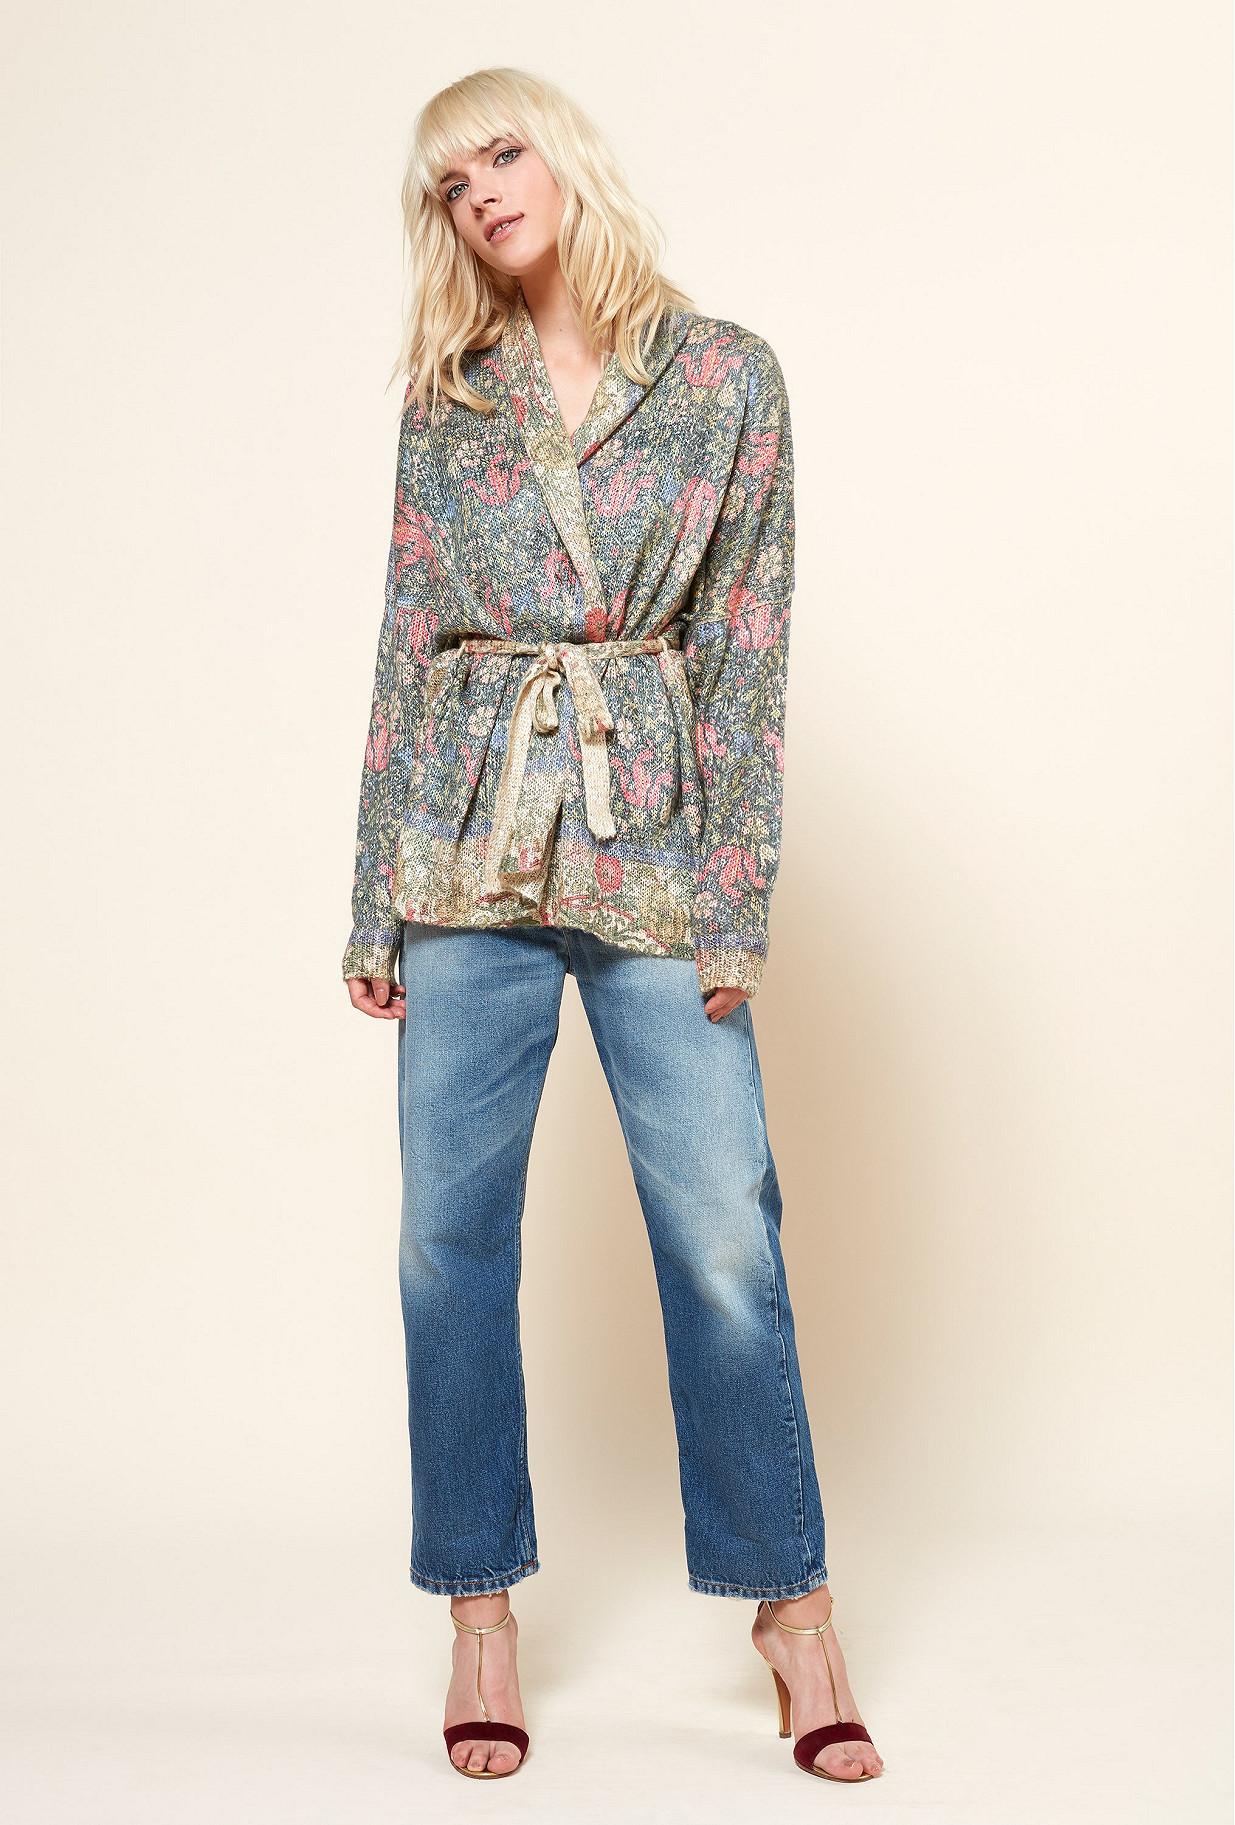 Paris clothes store KIMONO  Equateur french designer fashion Paris